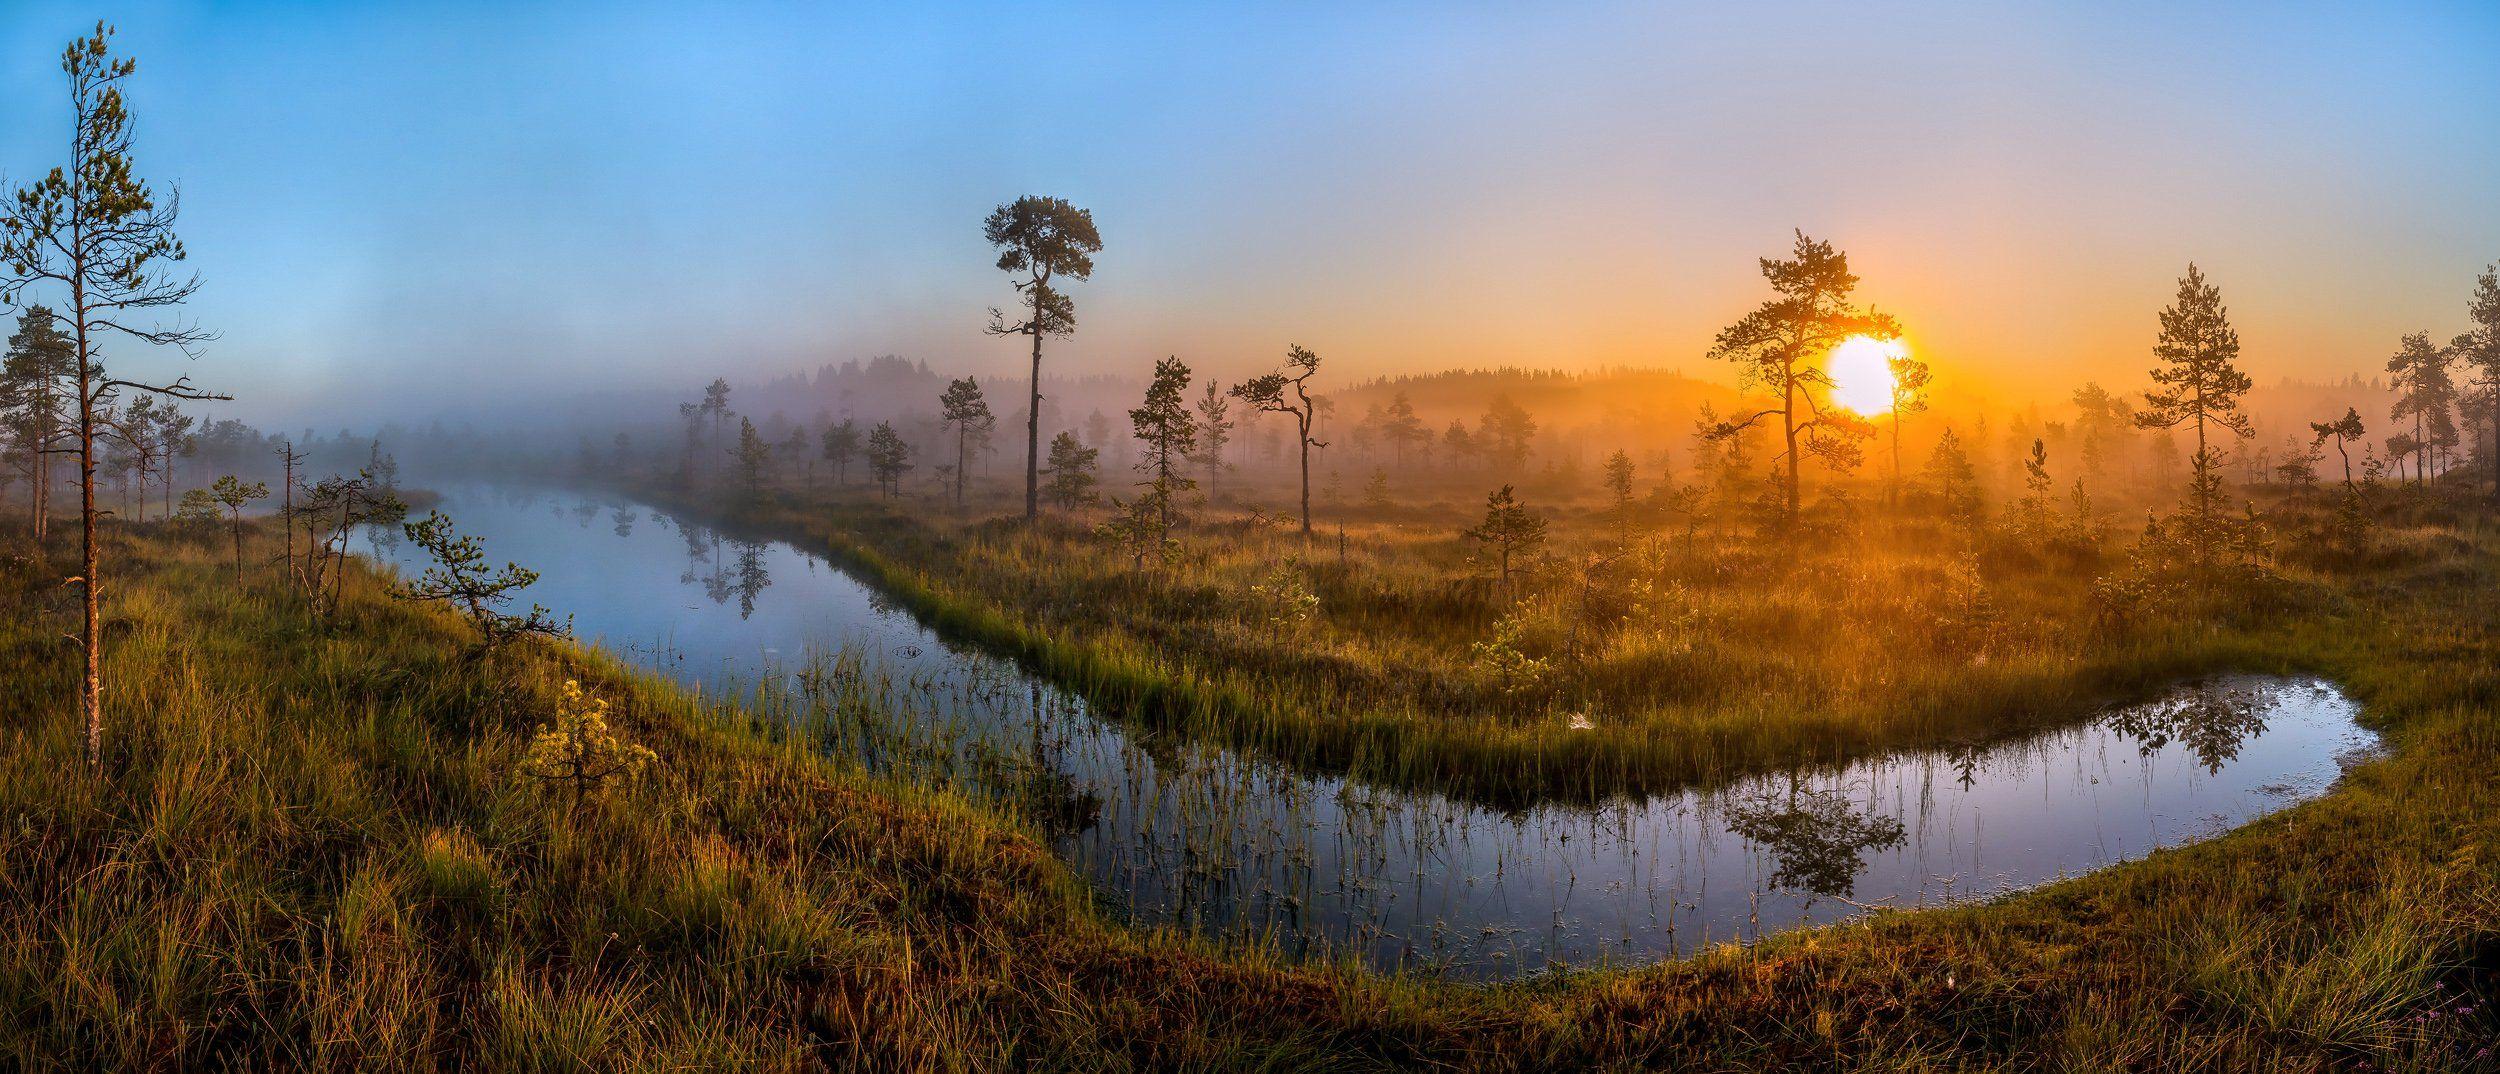 ленинградская область, деревья, сосна, озеро, рассвет, туман, трава, болото, лето, солнце., Лашков Фёдор